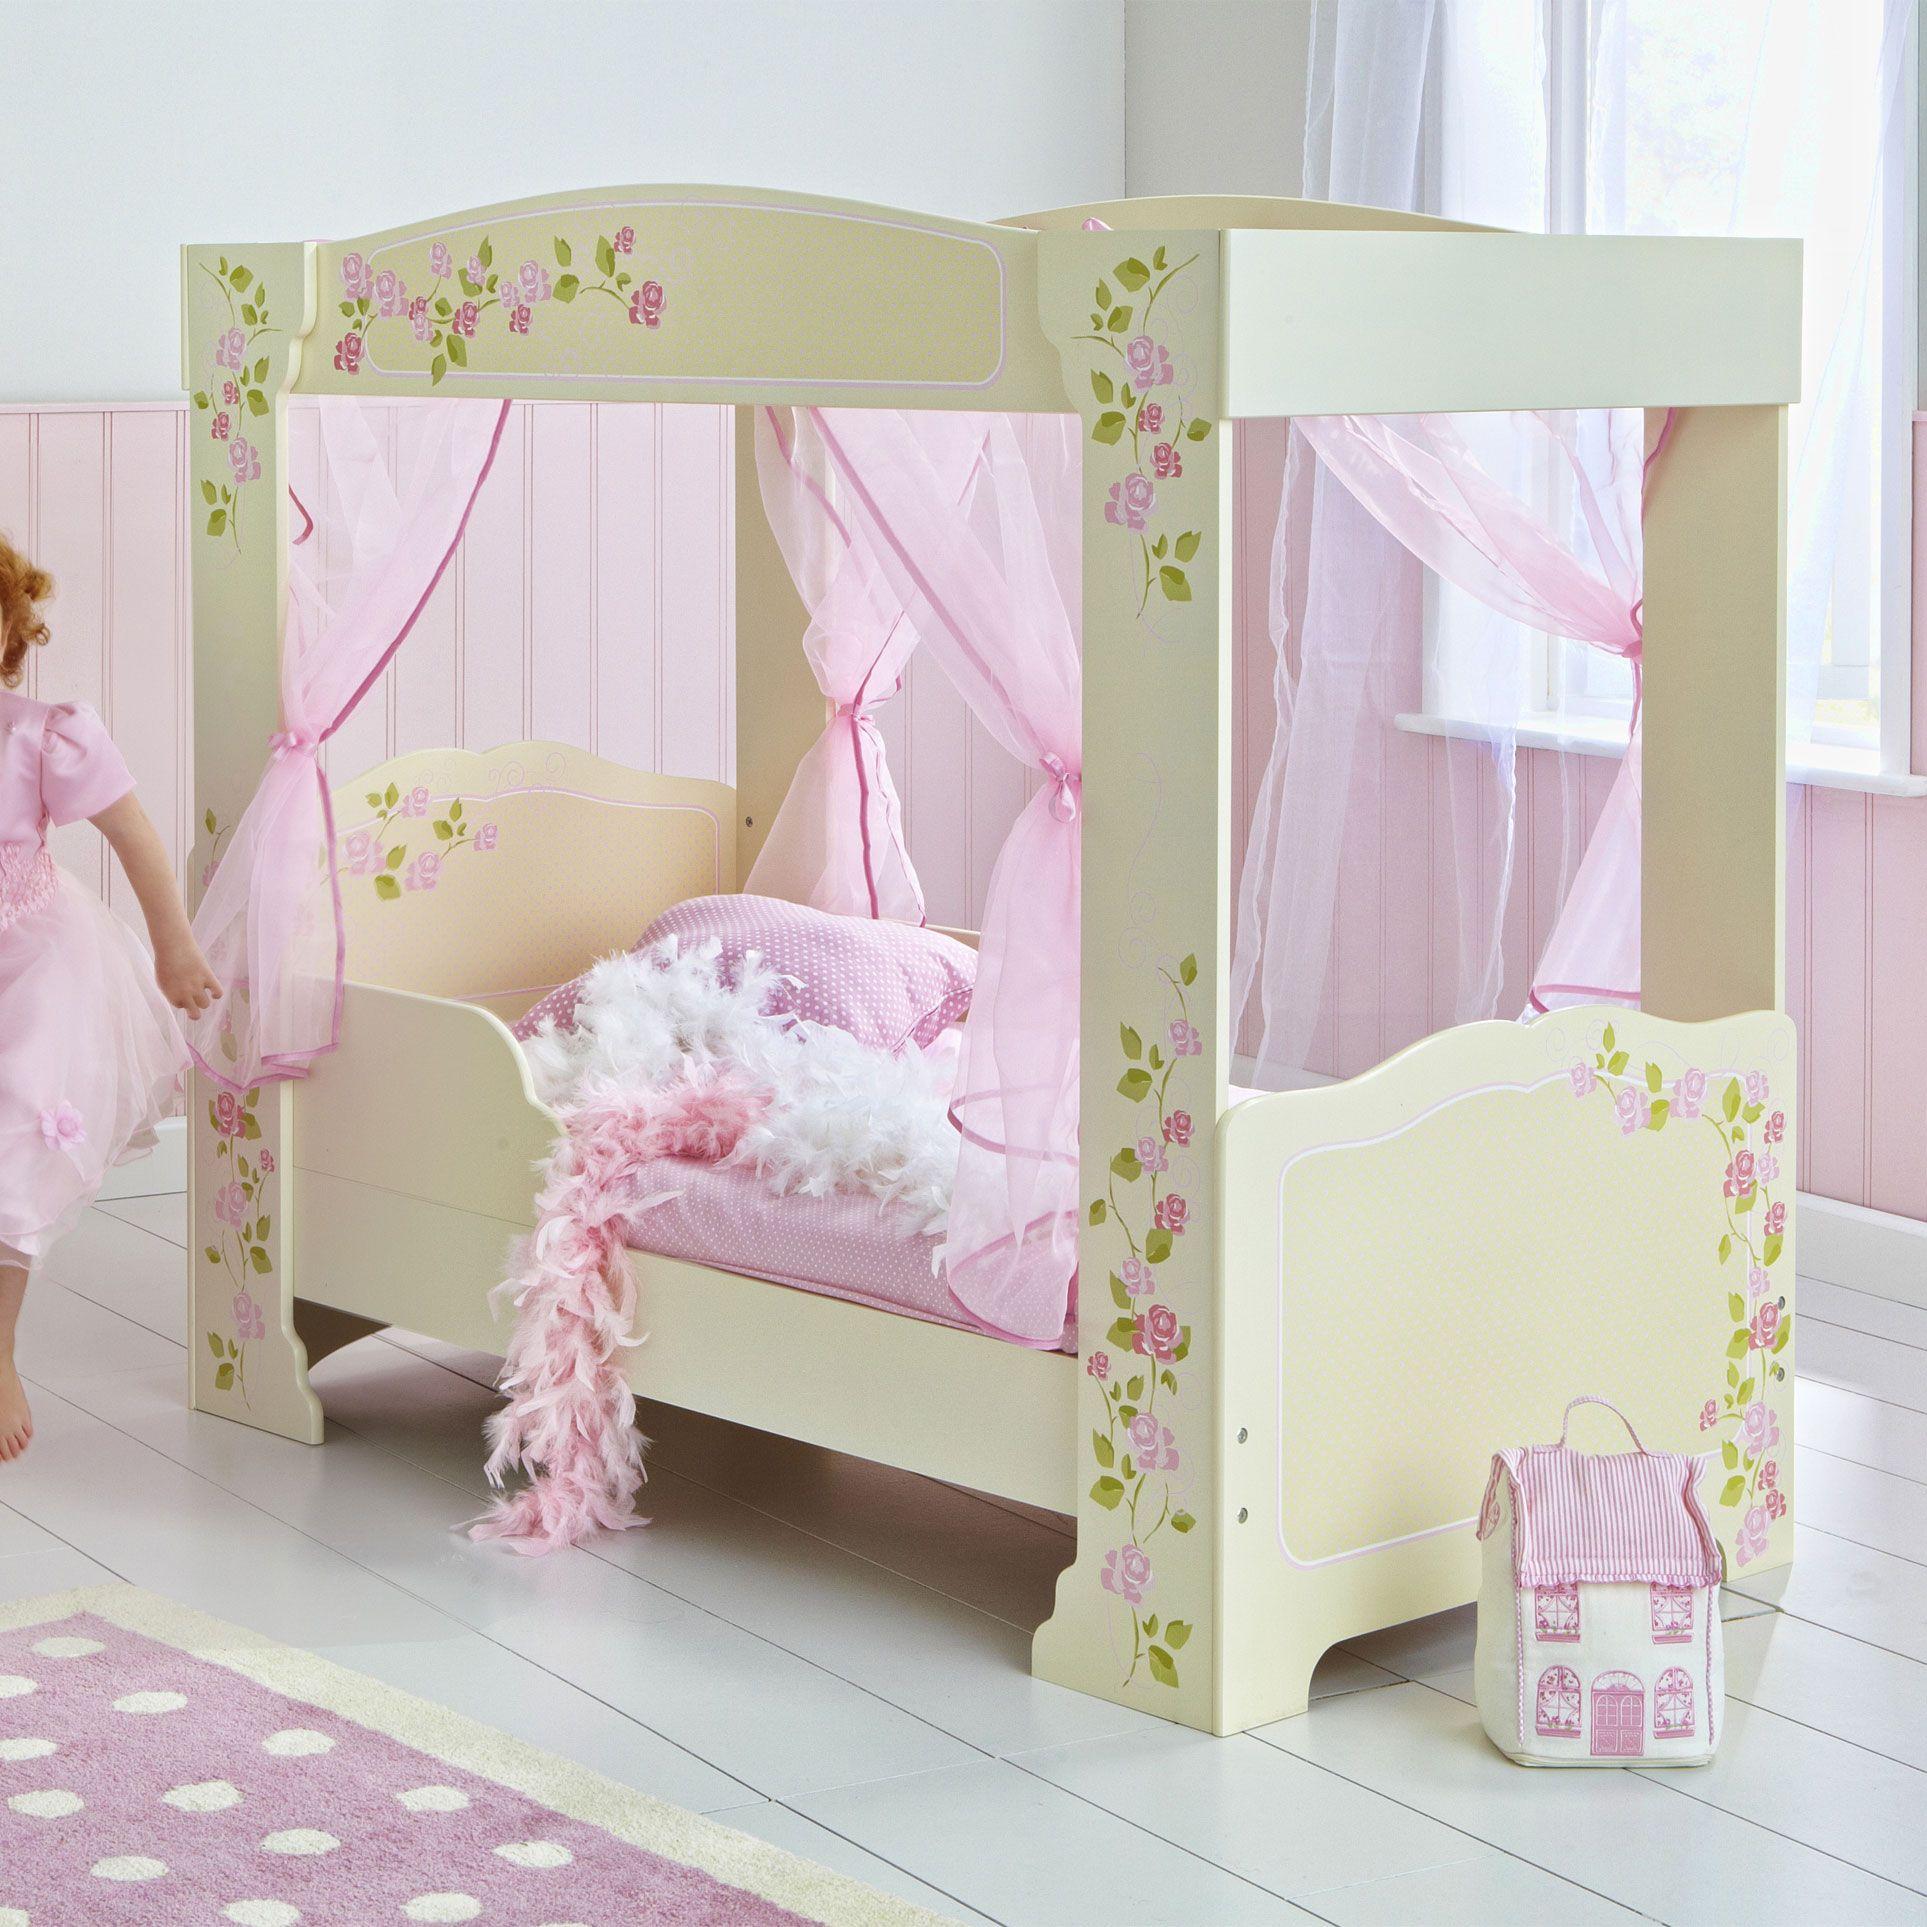 Lit à Baldaquin Pour Princesse POUR LES ENFANTS Pinterest - Lit baldaquin petite fille